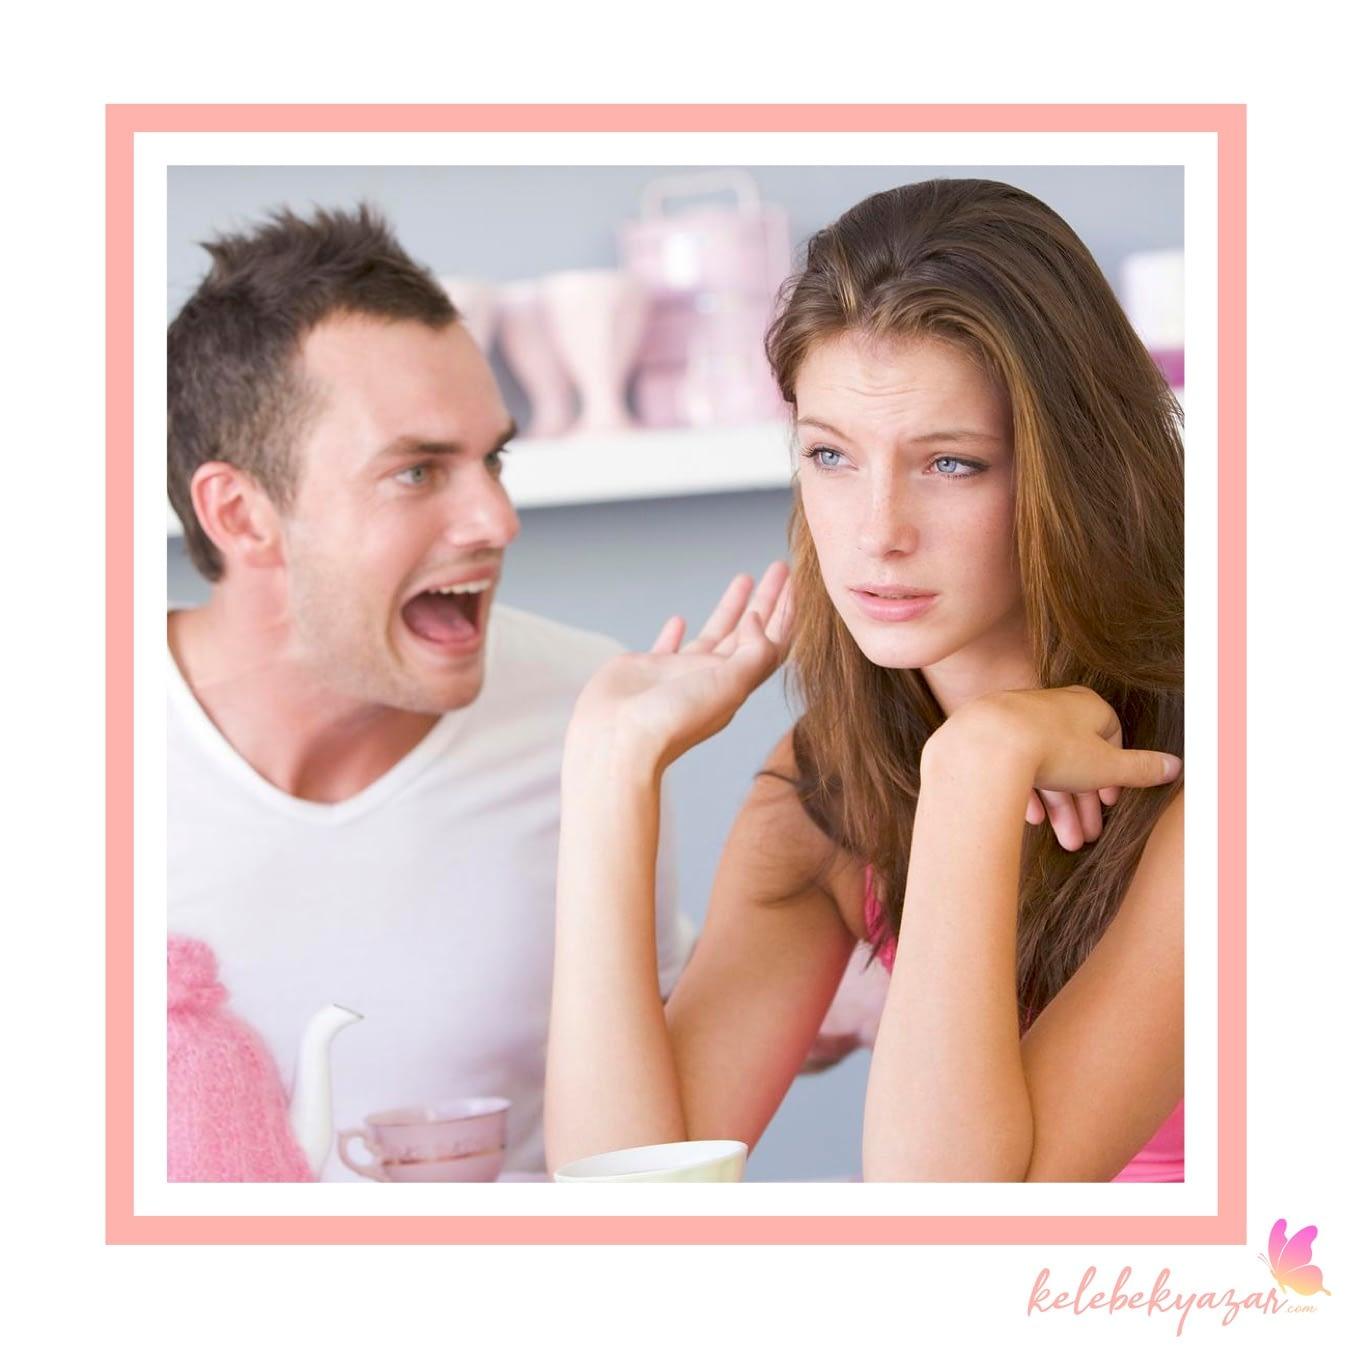 Çiftlerin Arasını Bozan Hatalar Nelerdir?